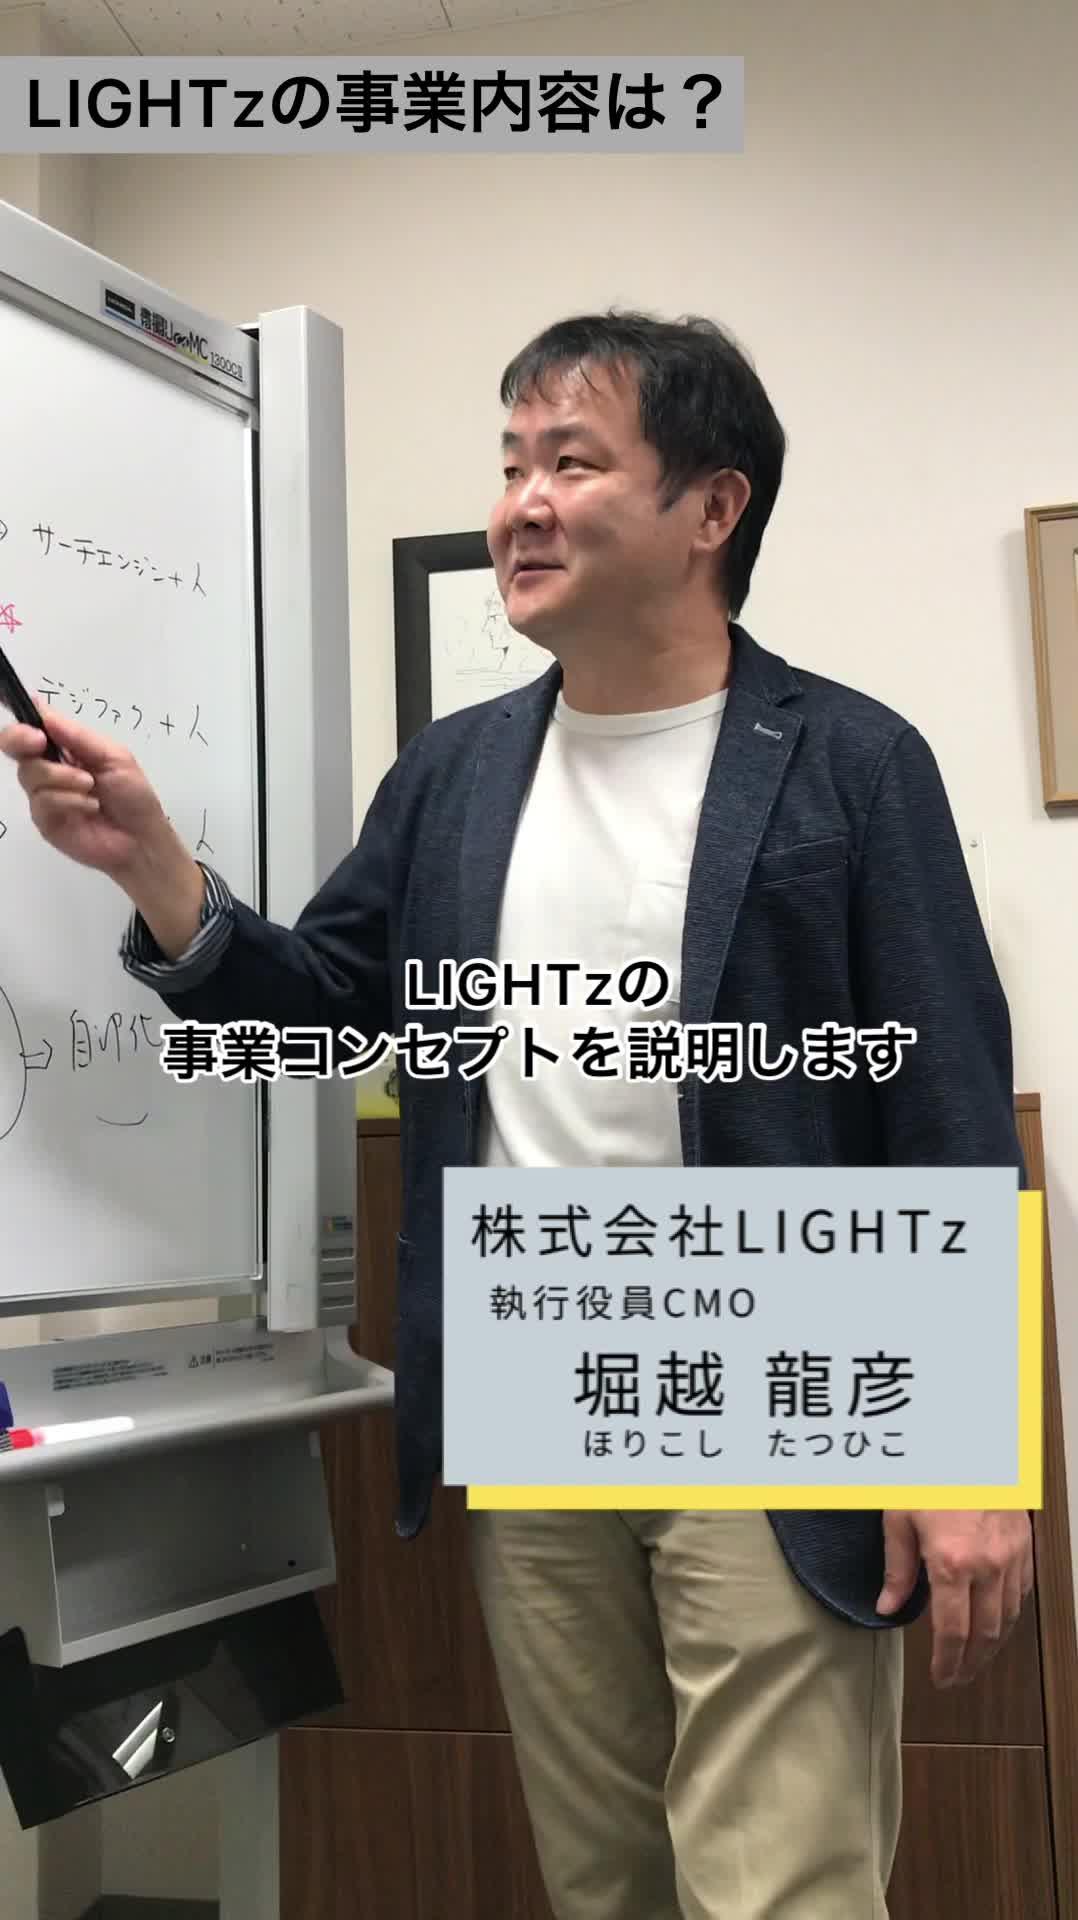 LIGHTzの事業を分かりやすく解説!キーワードは「汎知化」【採用動画】